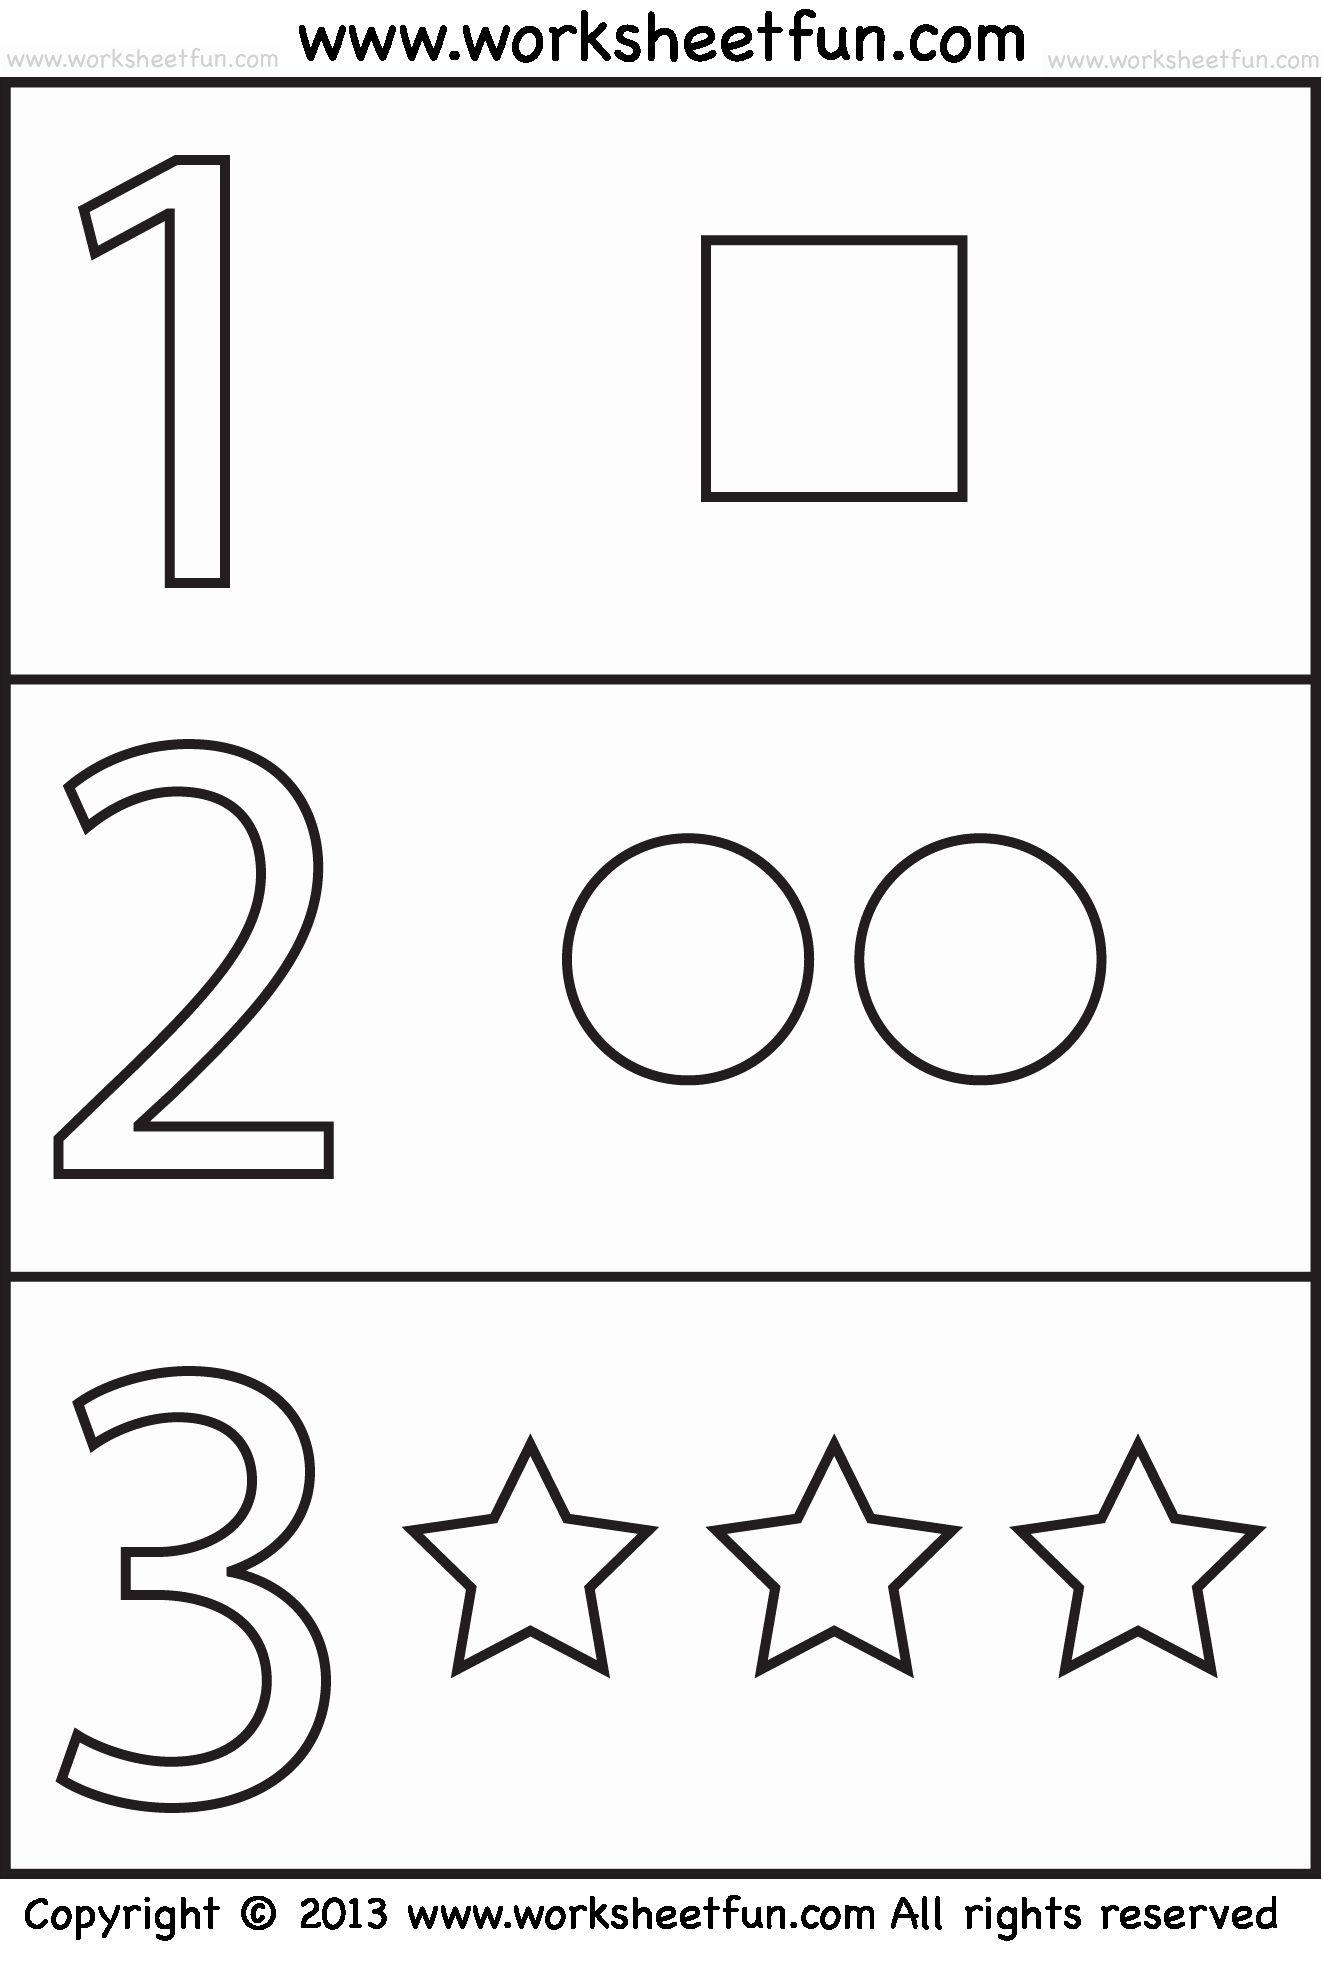 Preschool Worksheets Age 2 In 2020 Free Preschool Worksheets Preschool Worksheets Numbers Preschool